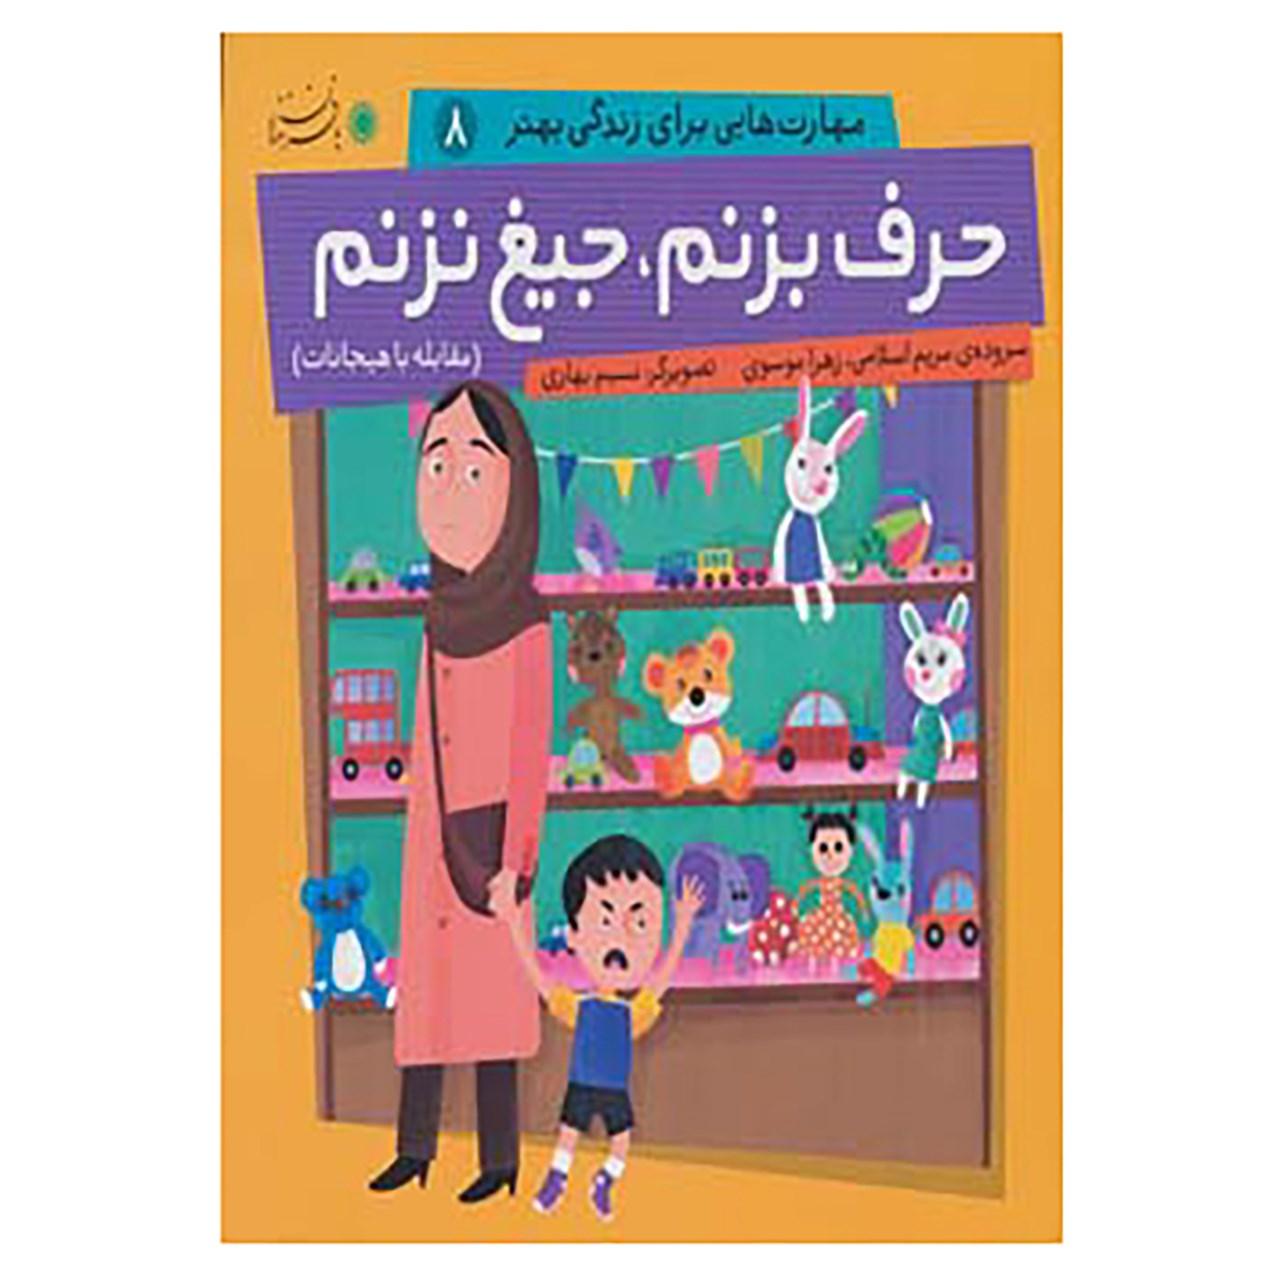 خرید                      کتاب مهارت هایی برای زندگی بهتر 8 اثر مریم اسلامی،زهرا موسوی